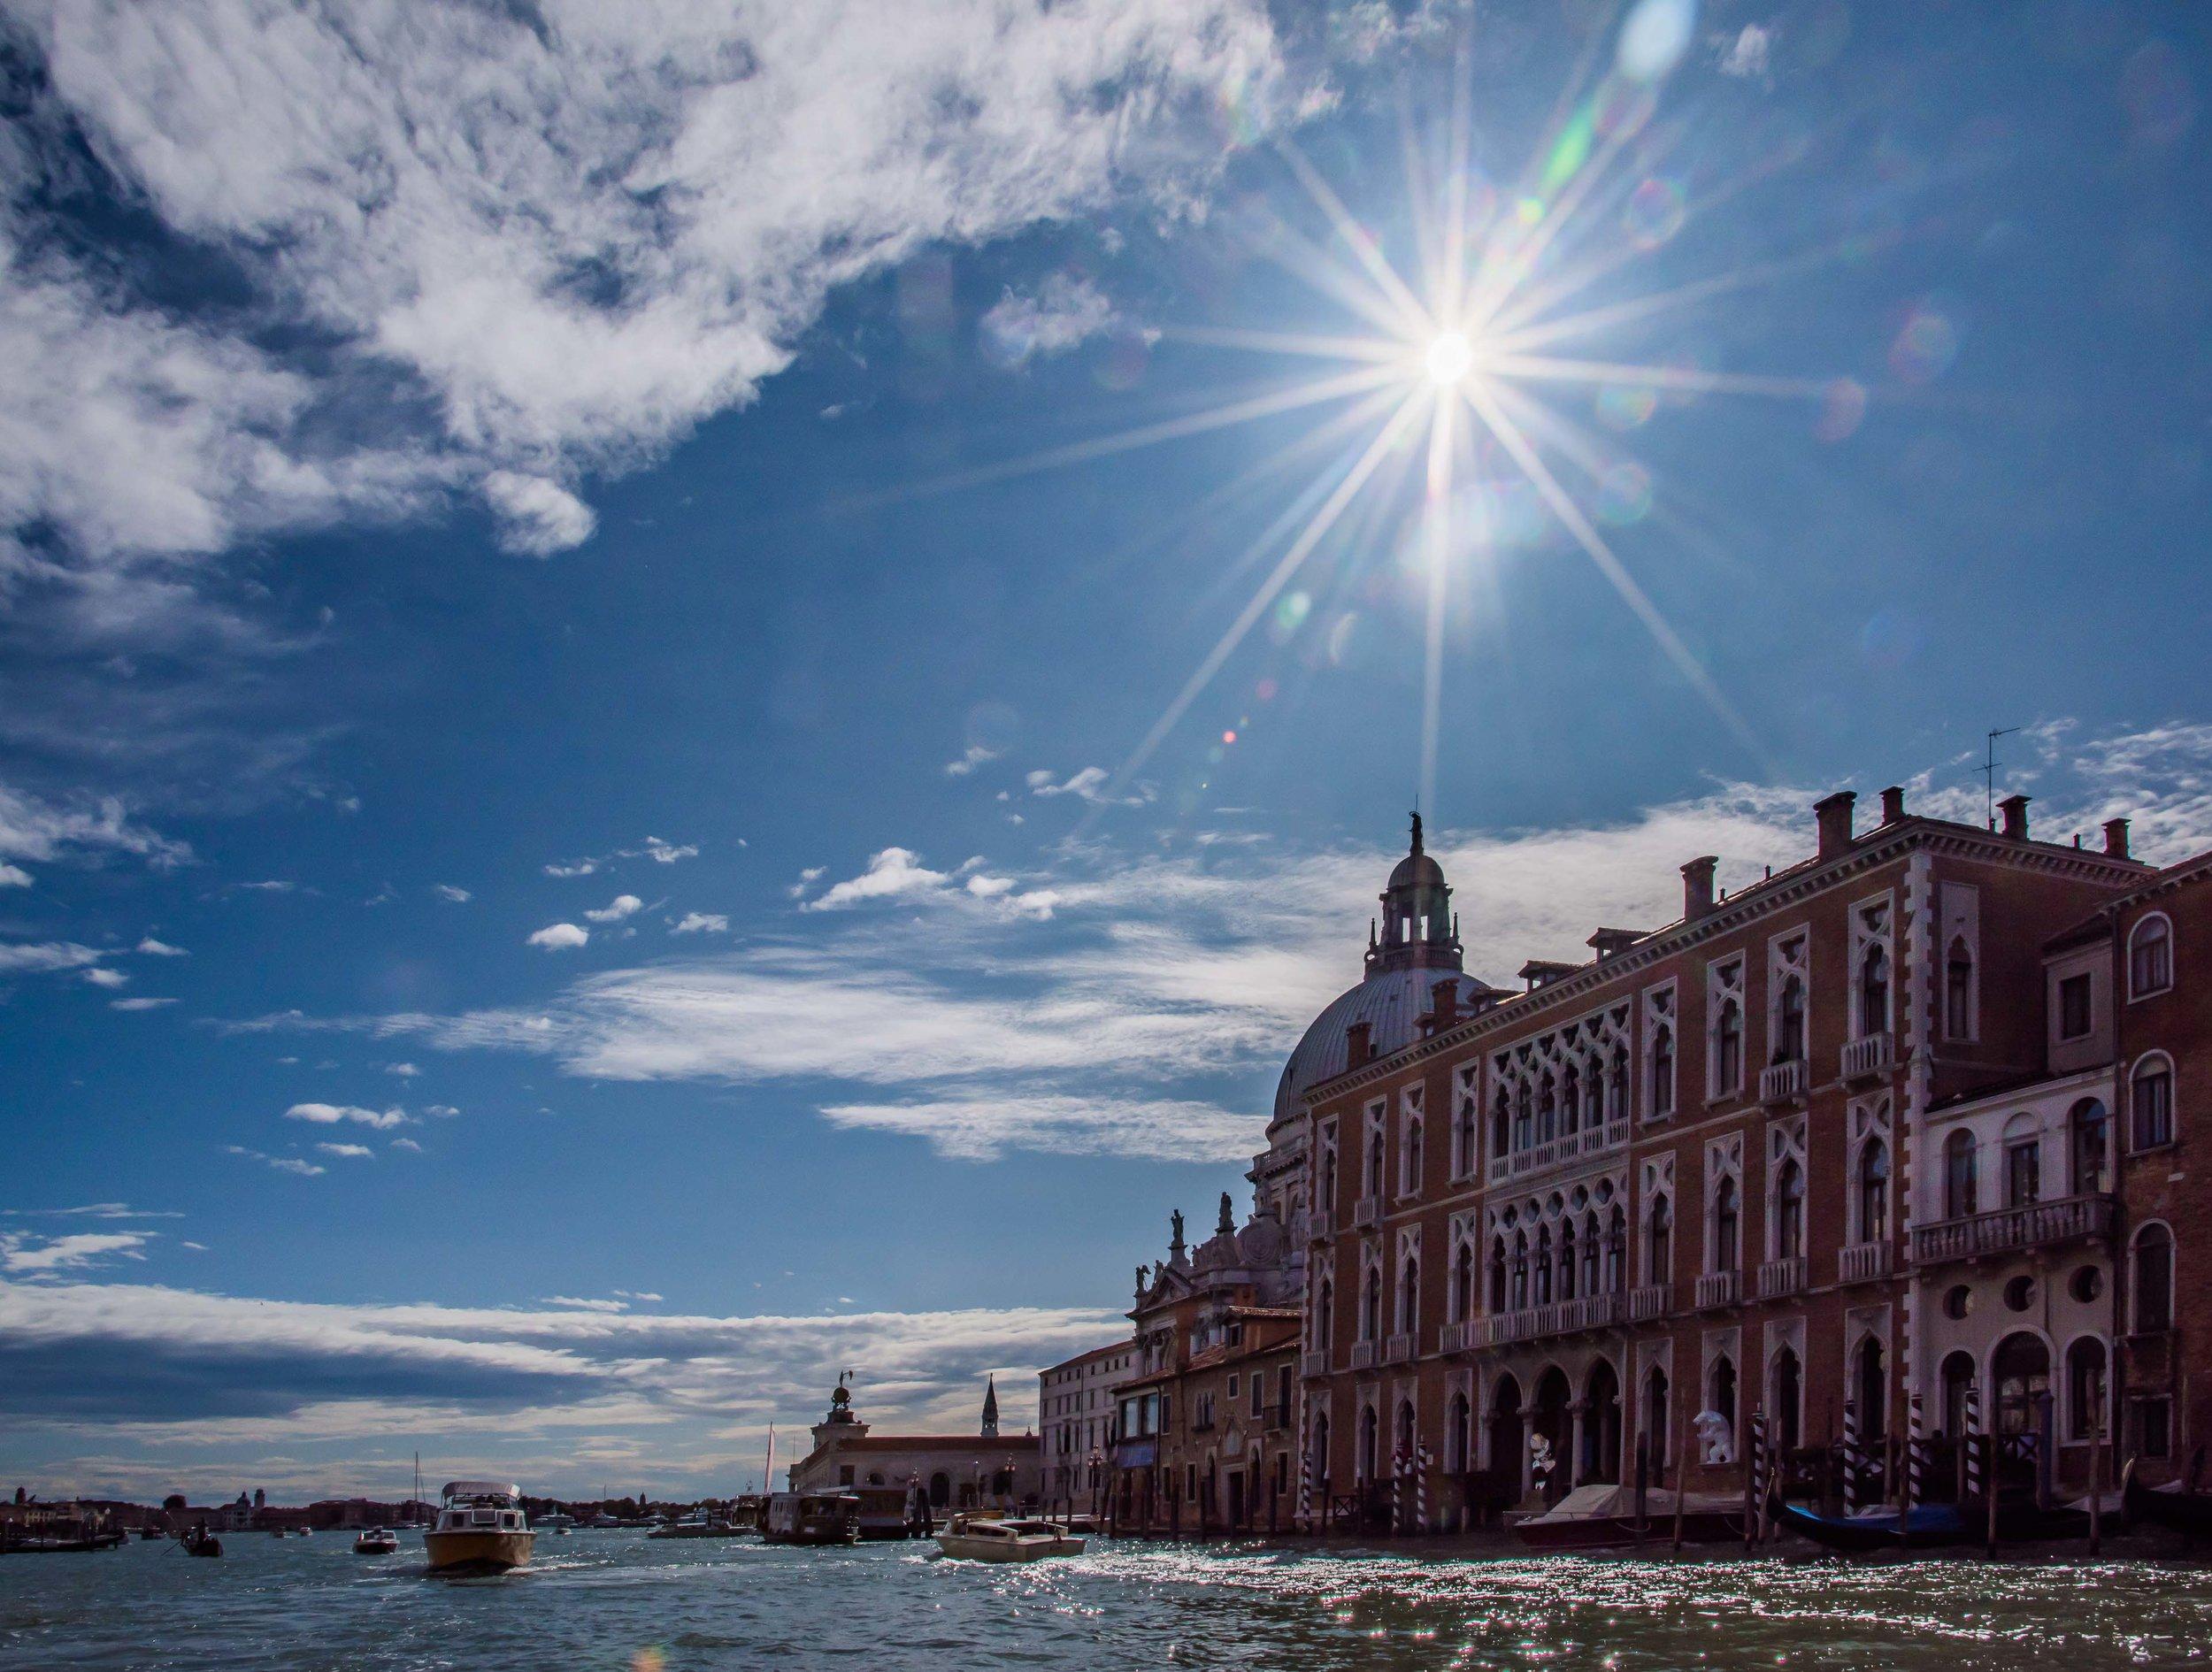 Venice, Italy 2017